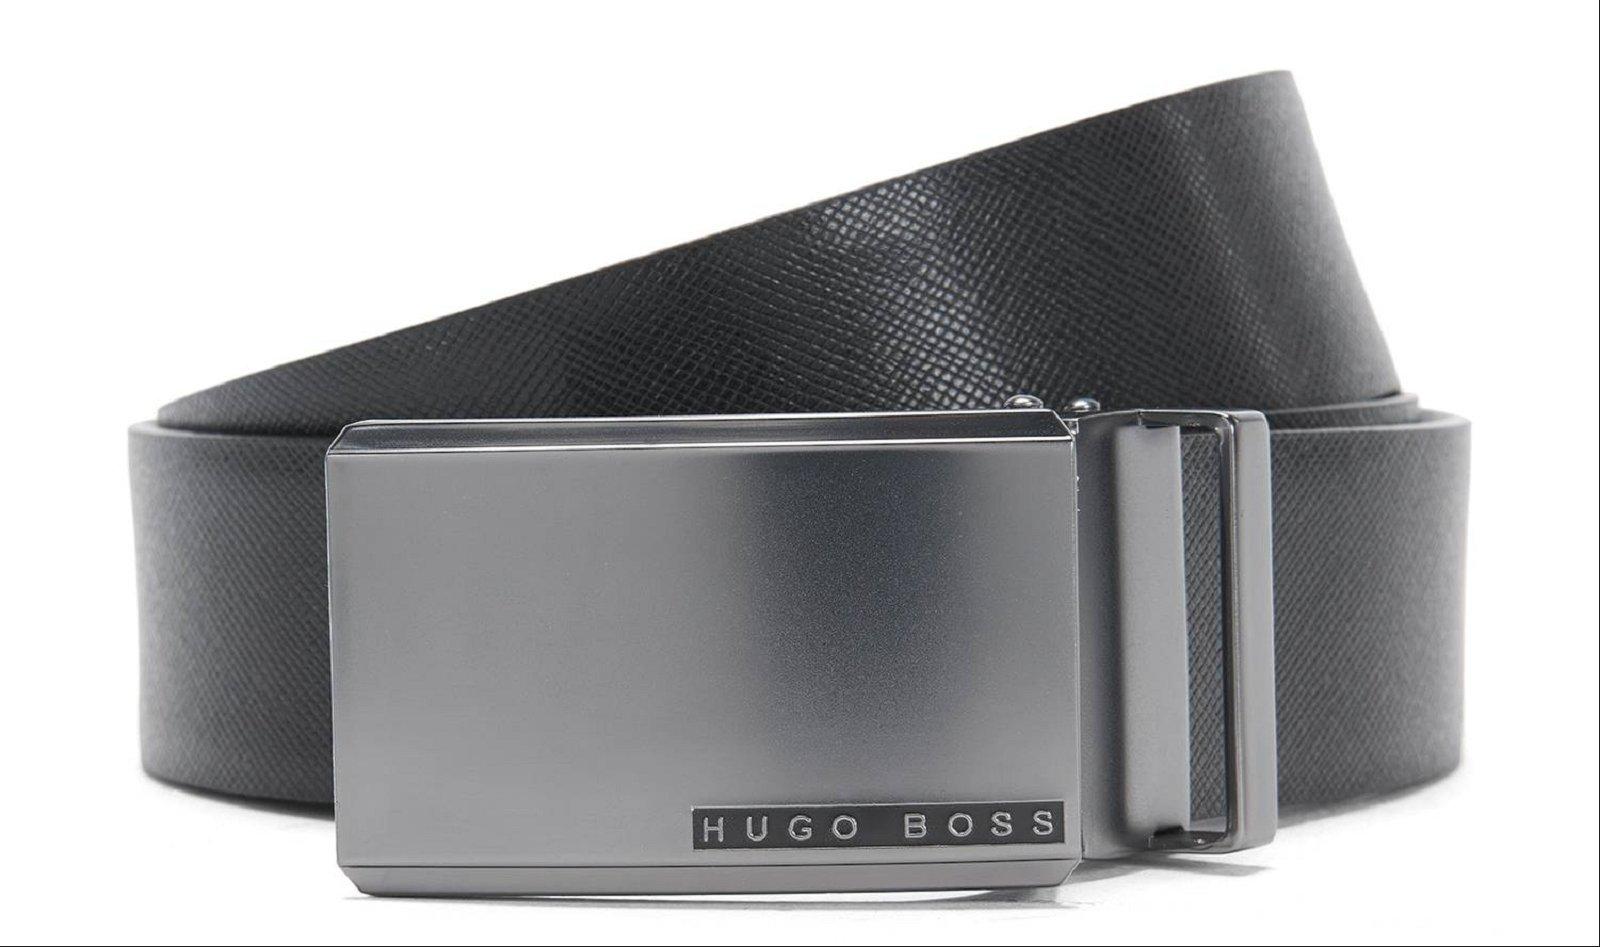 3aaa13f94755 Découvrez tous les styles de boucle ceinture homme hugo boss pour hommes,  femmes et enfants dans une gamme de tailles et de styles.